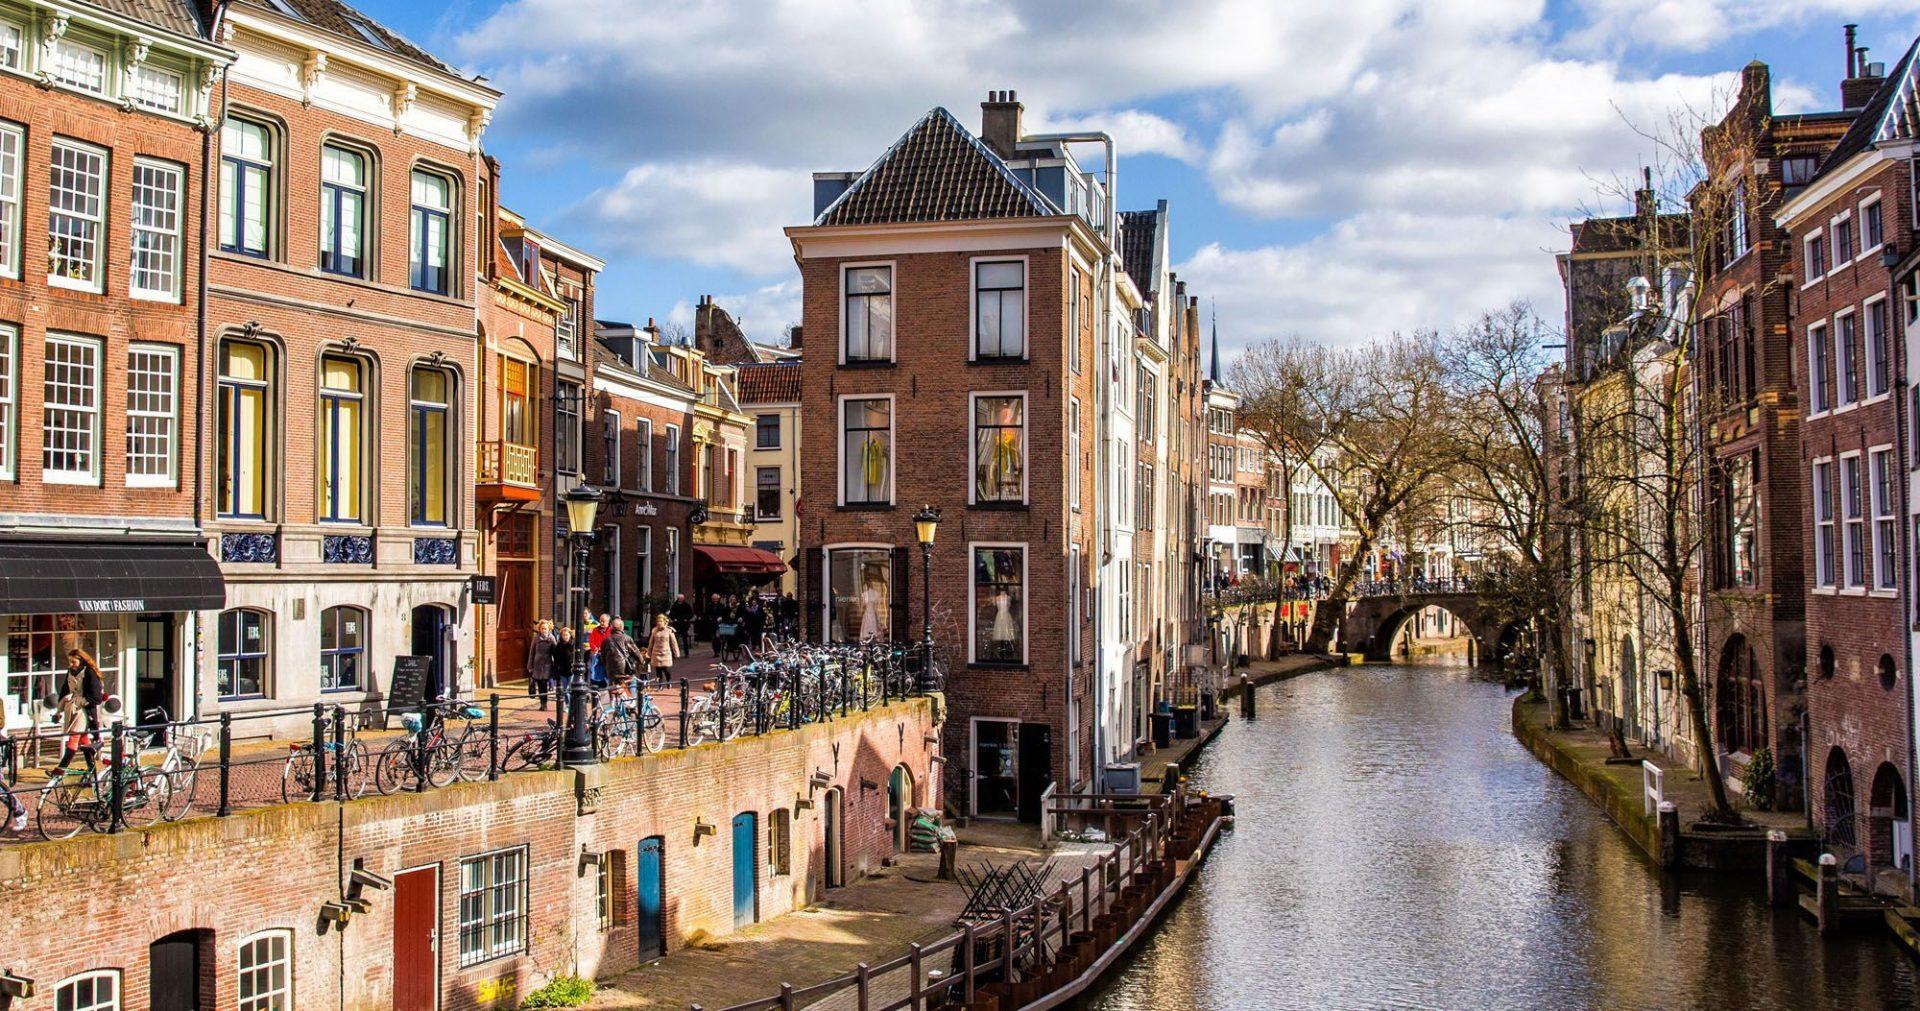 One-Day-in-Utrecht.jpg.optimal